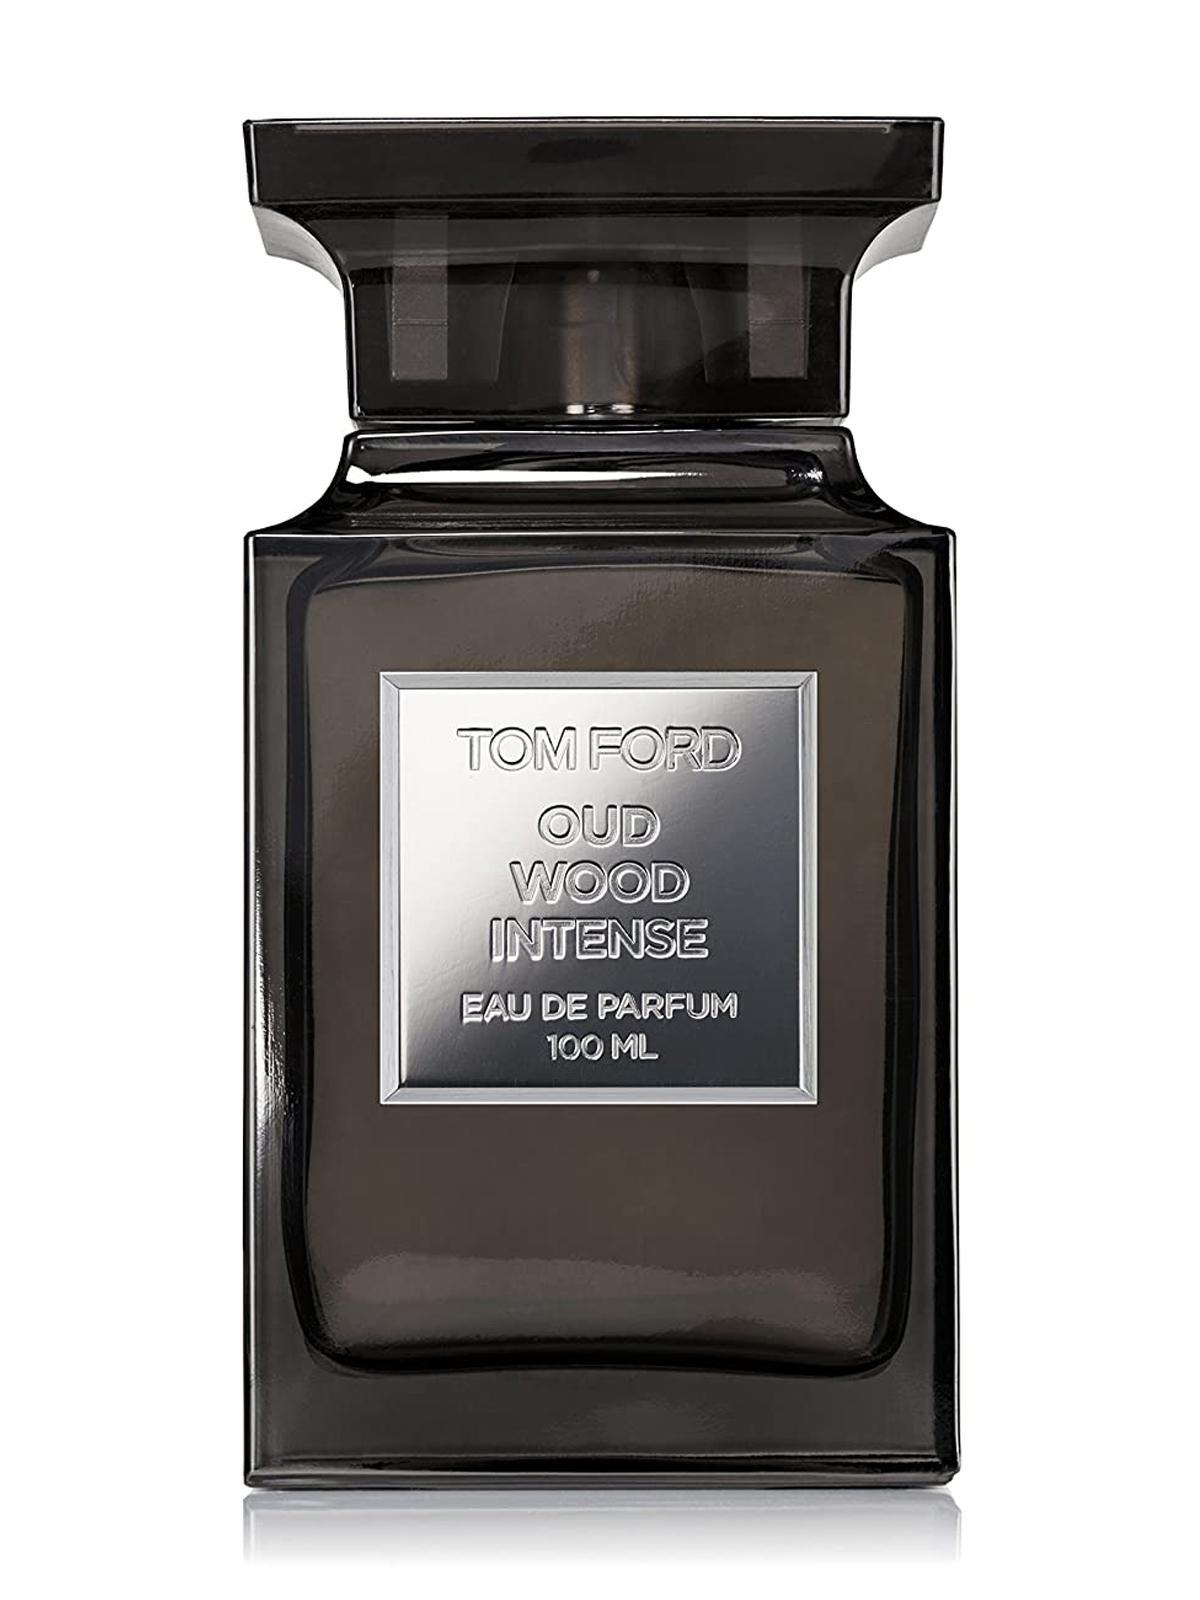 Tom Ford Oud Wood Intence Eau De Parfum